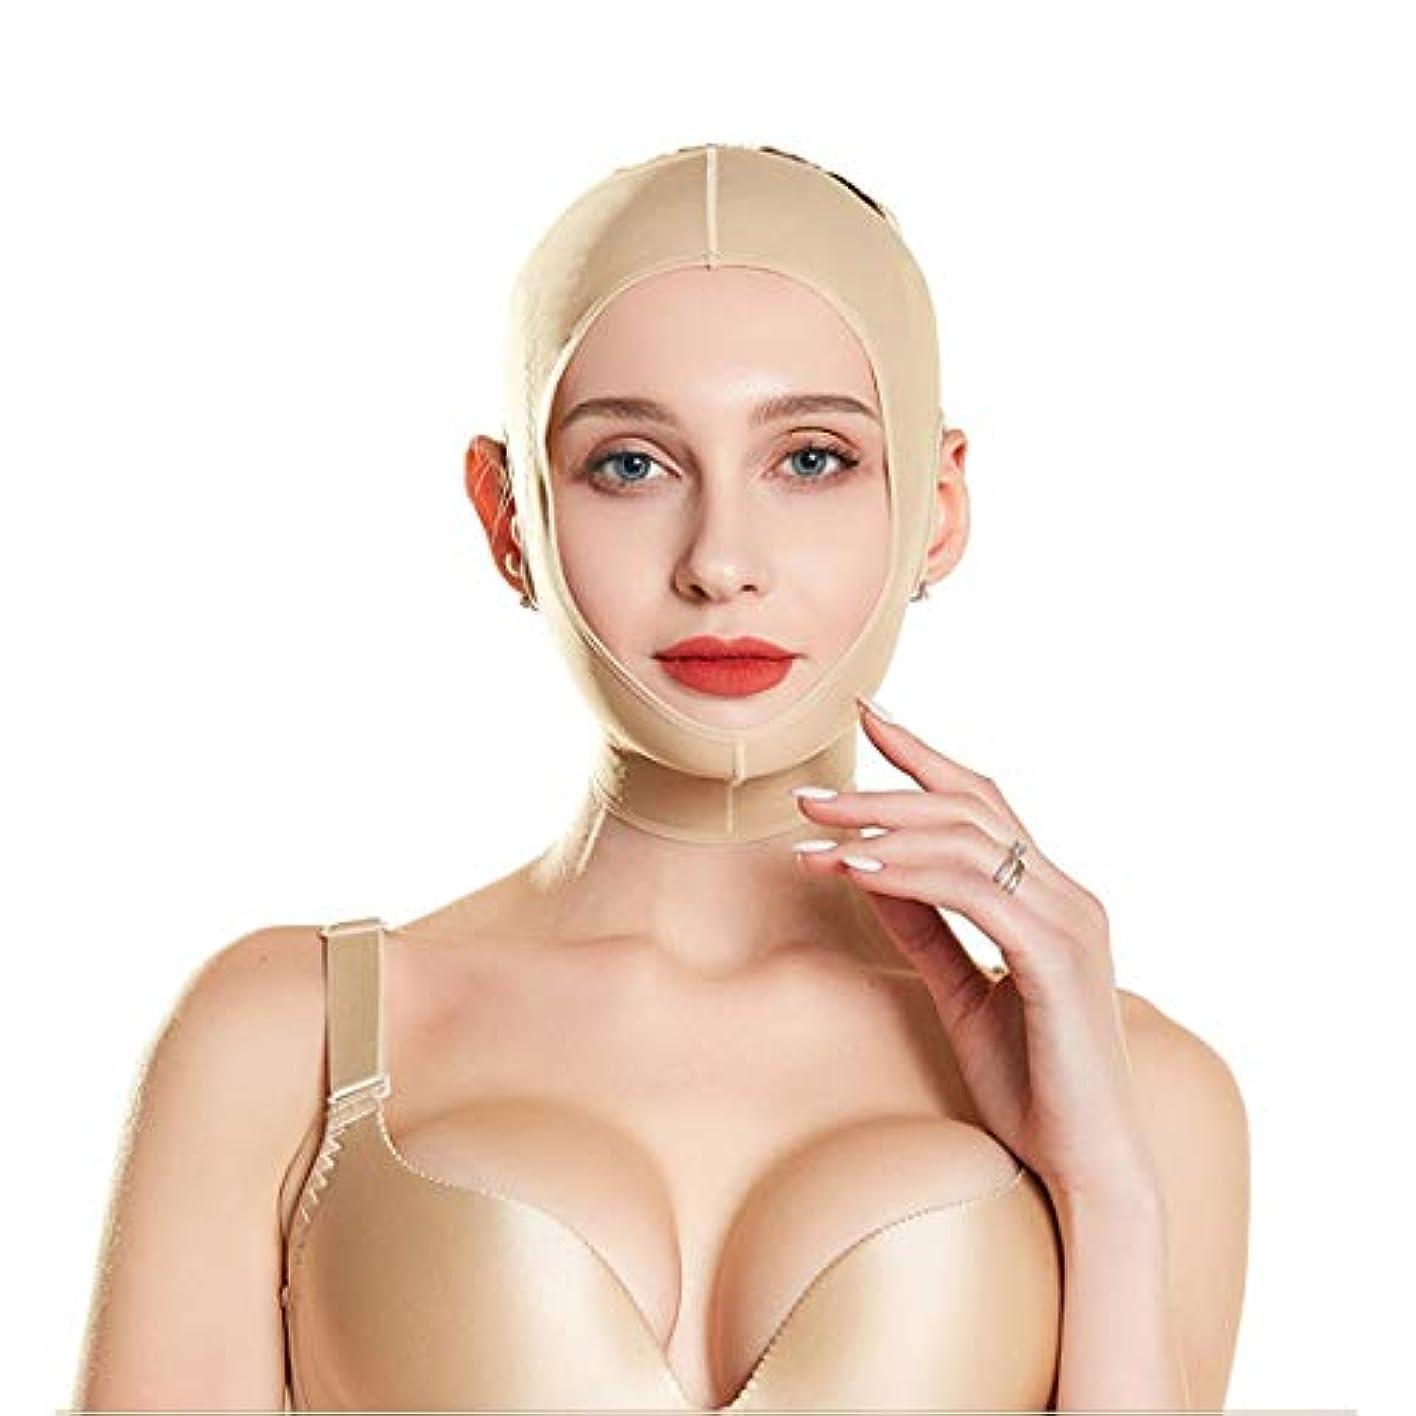 神の異常な自然ZWBD フェイスマスク, フェイスリフティング包帯医療美容スキンフェイスカービングスモールVフェイスアーティファクトシェーピングリフティングフェイスカービングセットフェイスマスク美容フェードシワ (Size : M)